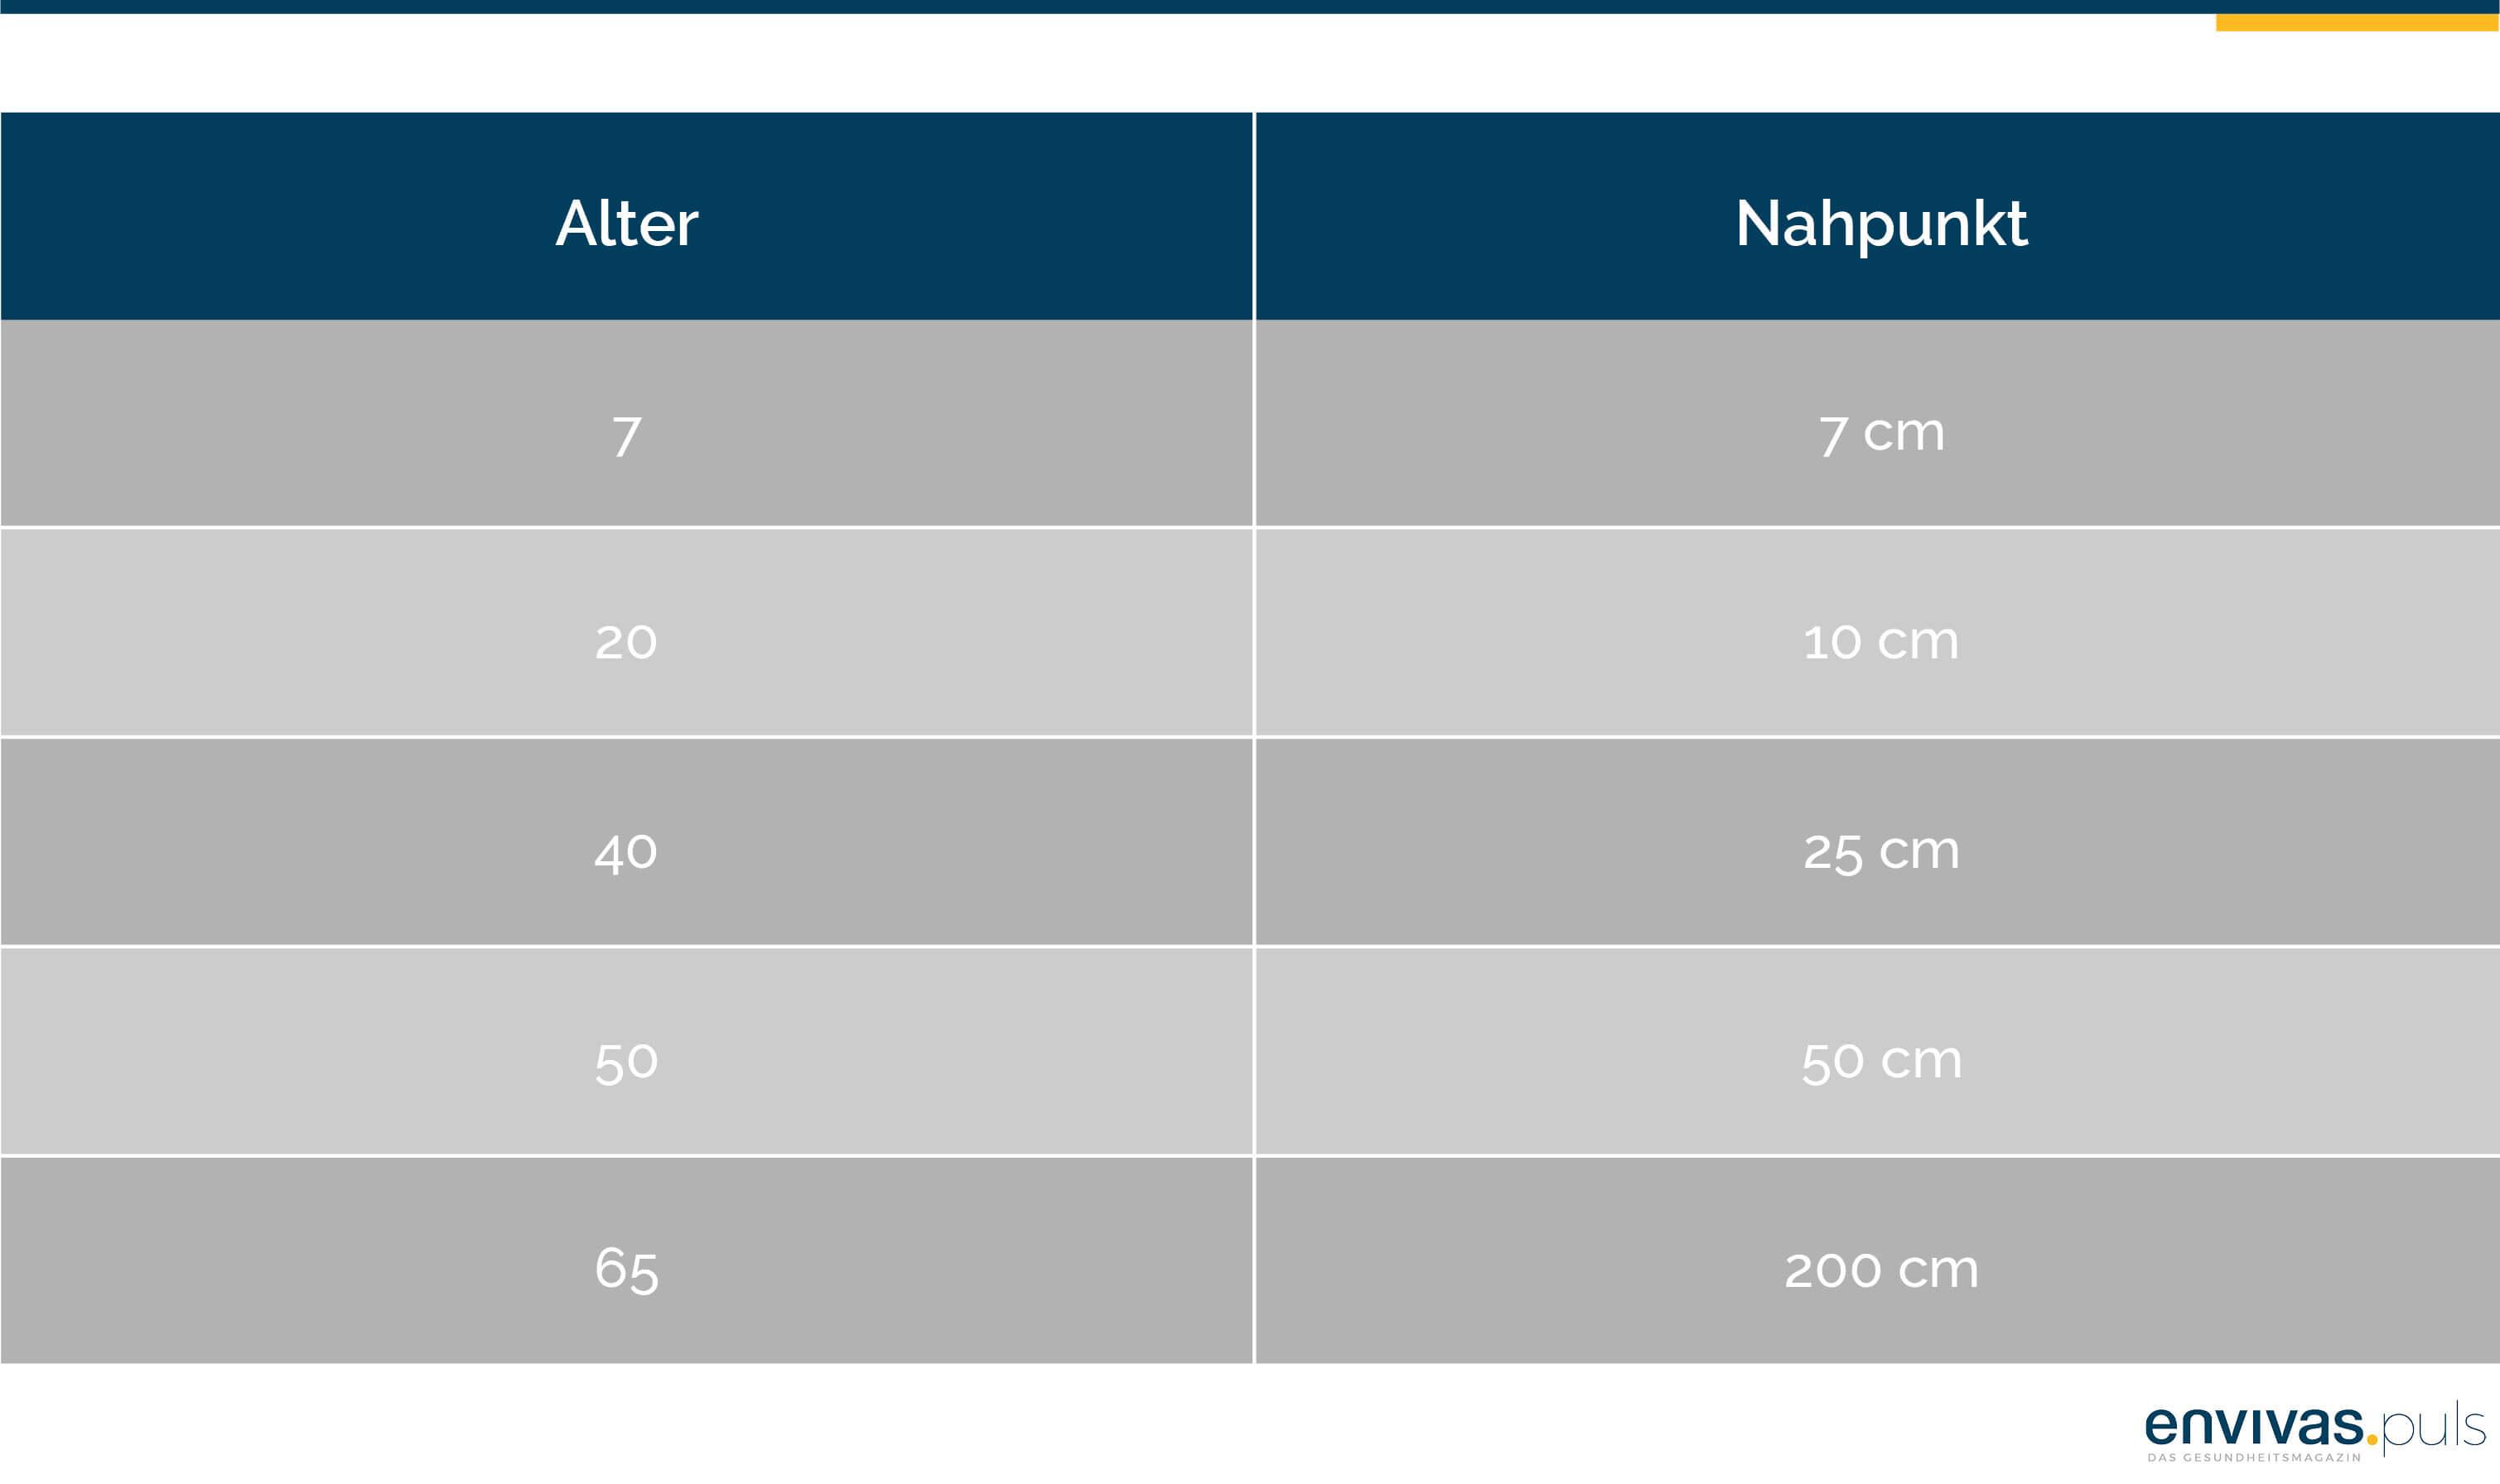 Tabelle stellt das Lebensalter und den Nahpunkt - die minimale Sehweite - gegenüber.